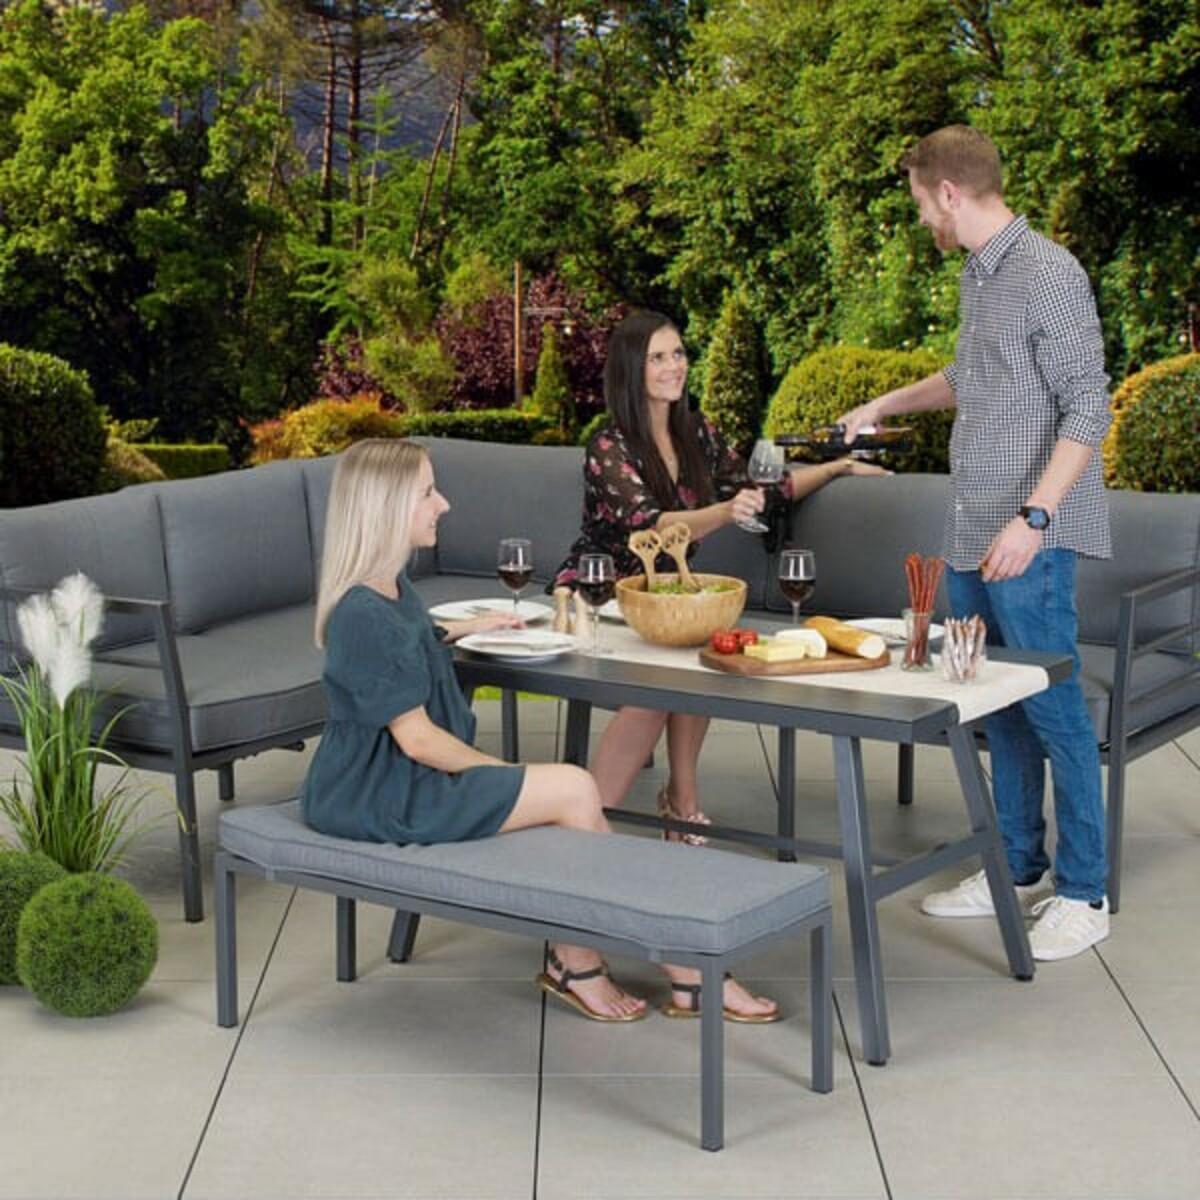 Bild 4 von Primaster Alu Dining Lounge | B-Ware - der Artikel ist neu - Verpackung geöffnet